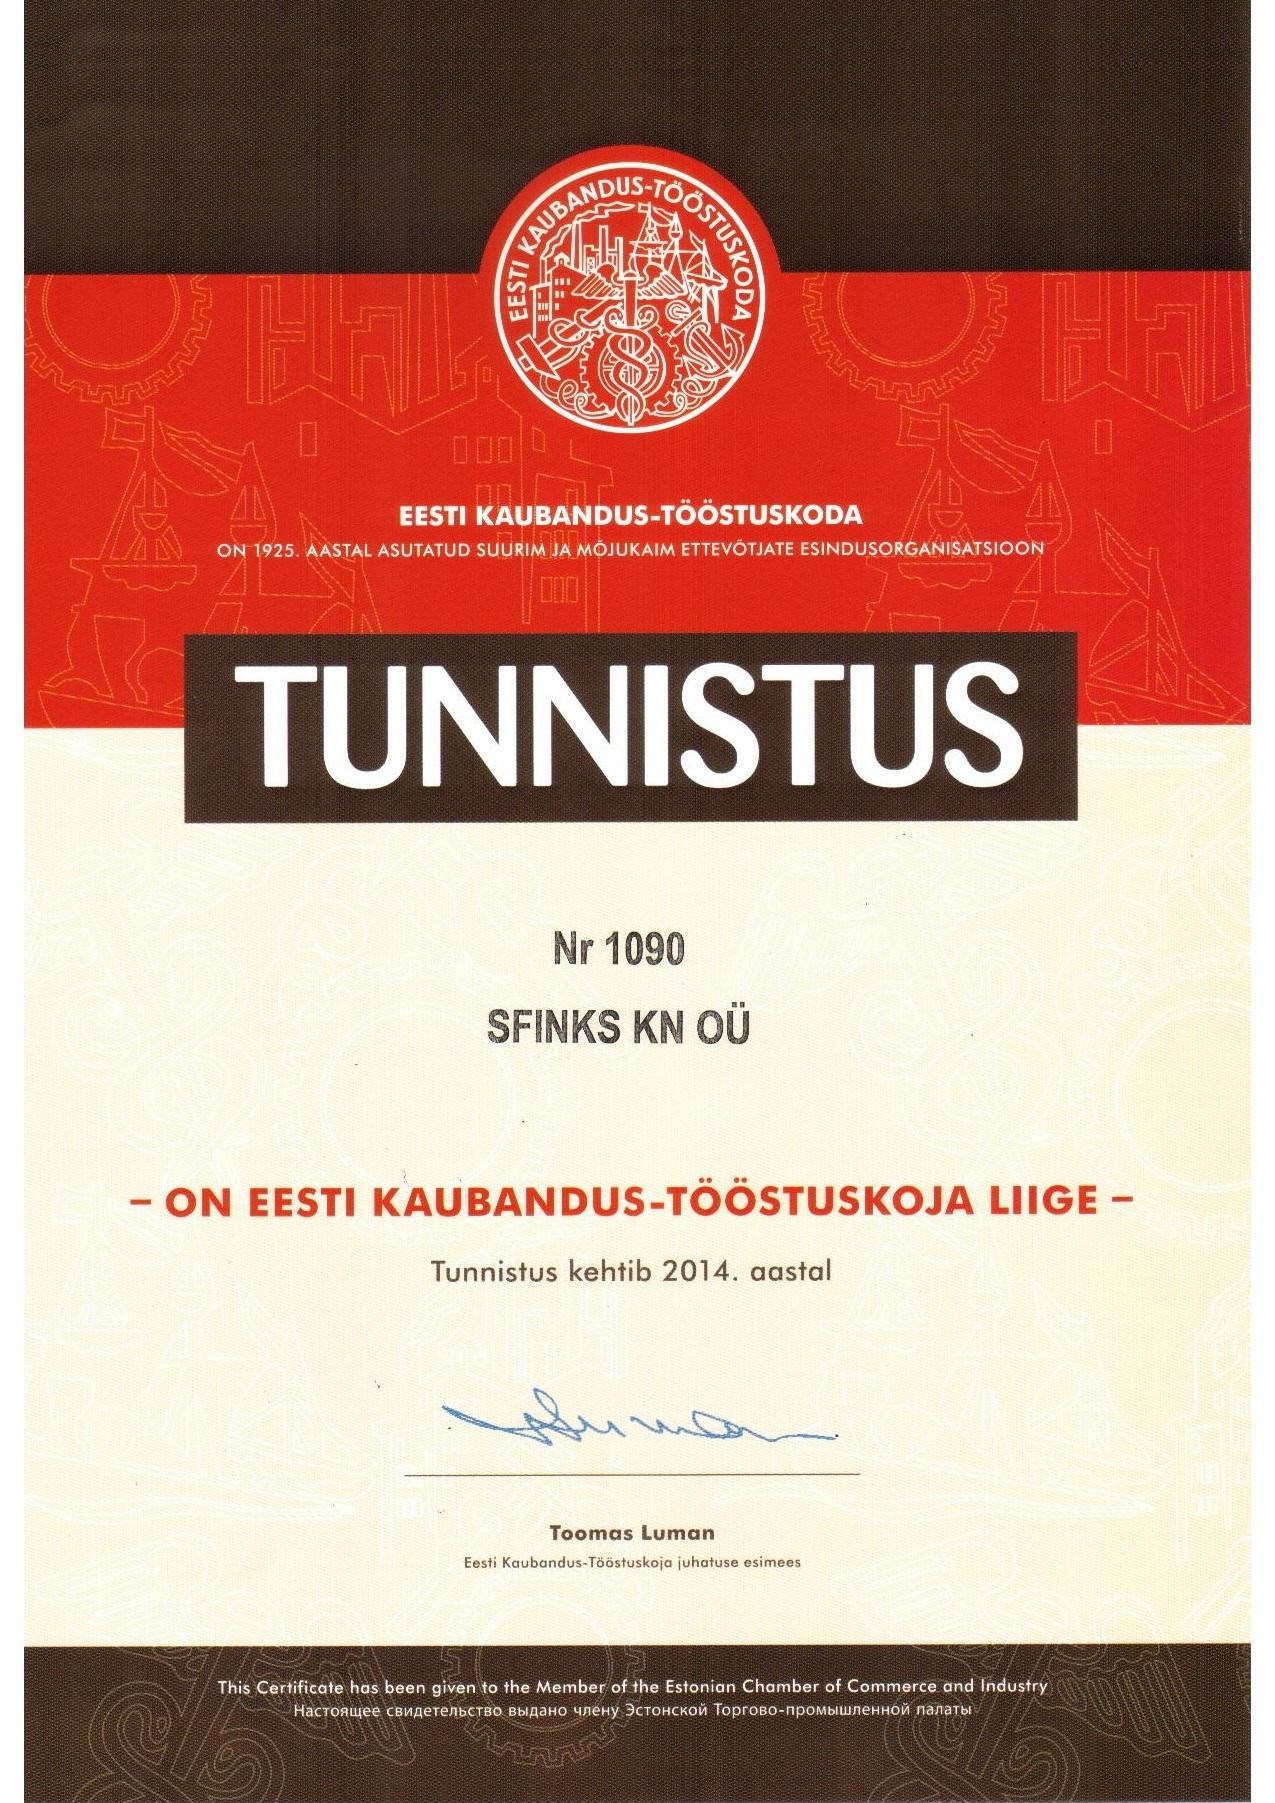 Eesti Kaubandus-toostuskoda tunnistus